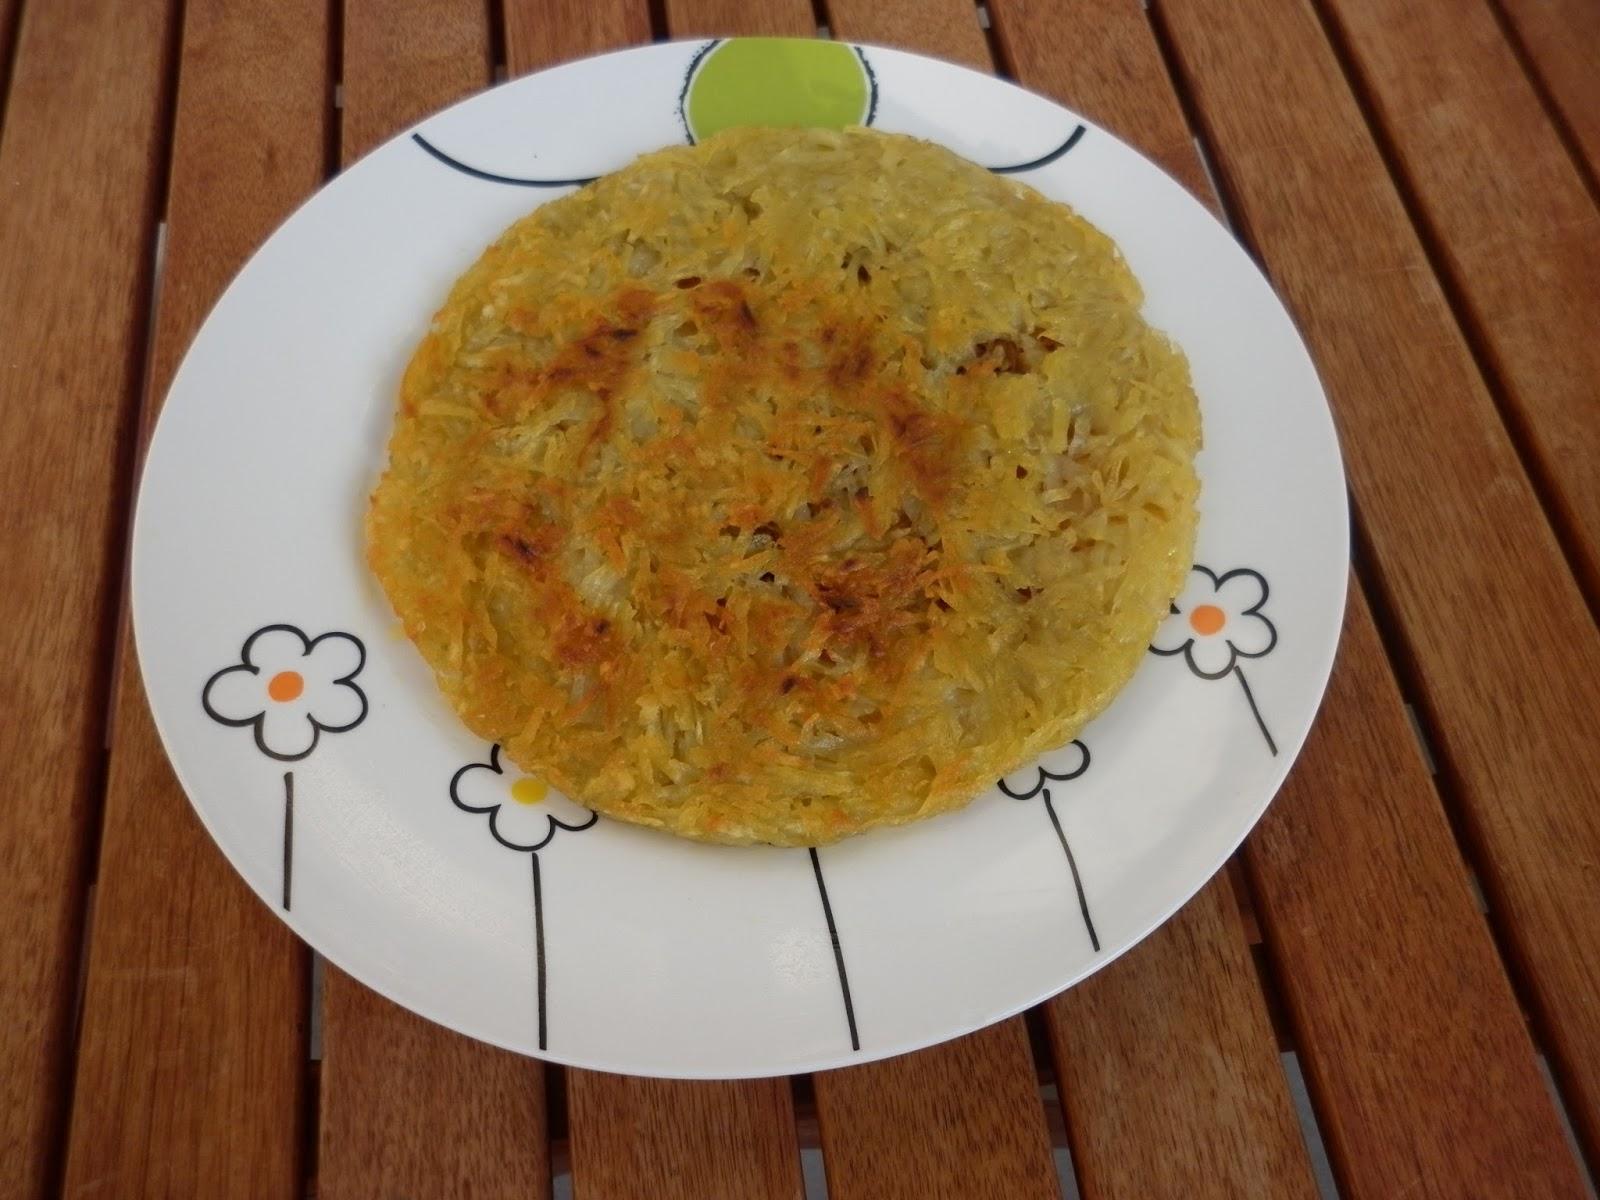 Mam en la cocina r sti con queso de untar y salm n ahumado - Postres con queso de untar ...